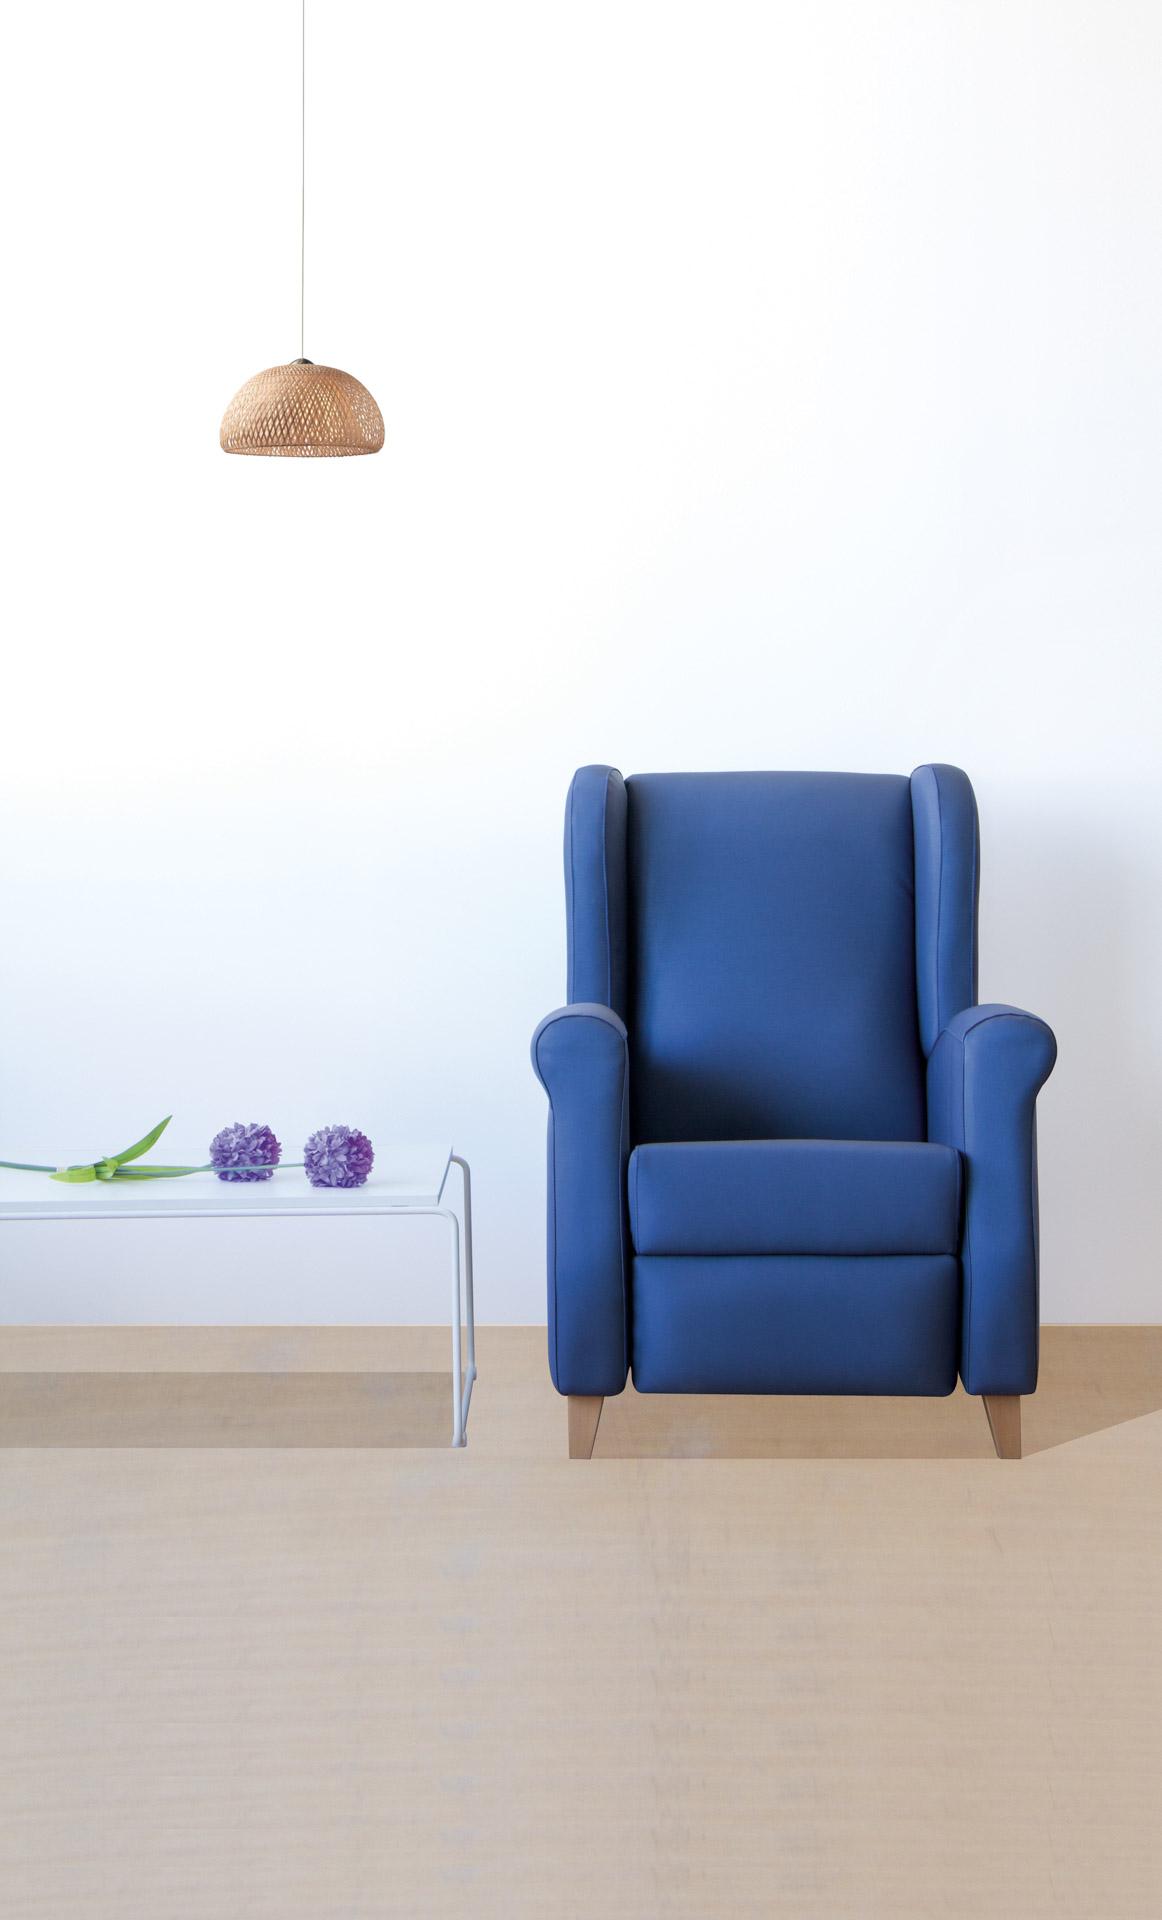 Sillón relax de diseño atemporal y elegante de SENIORCARE